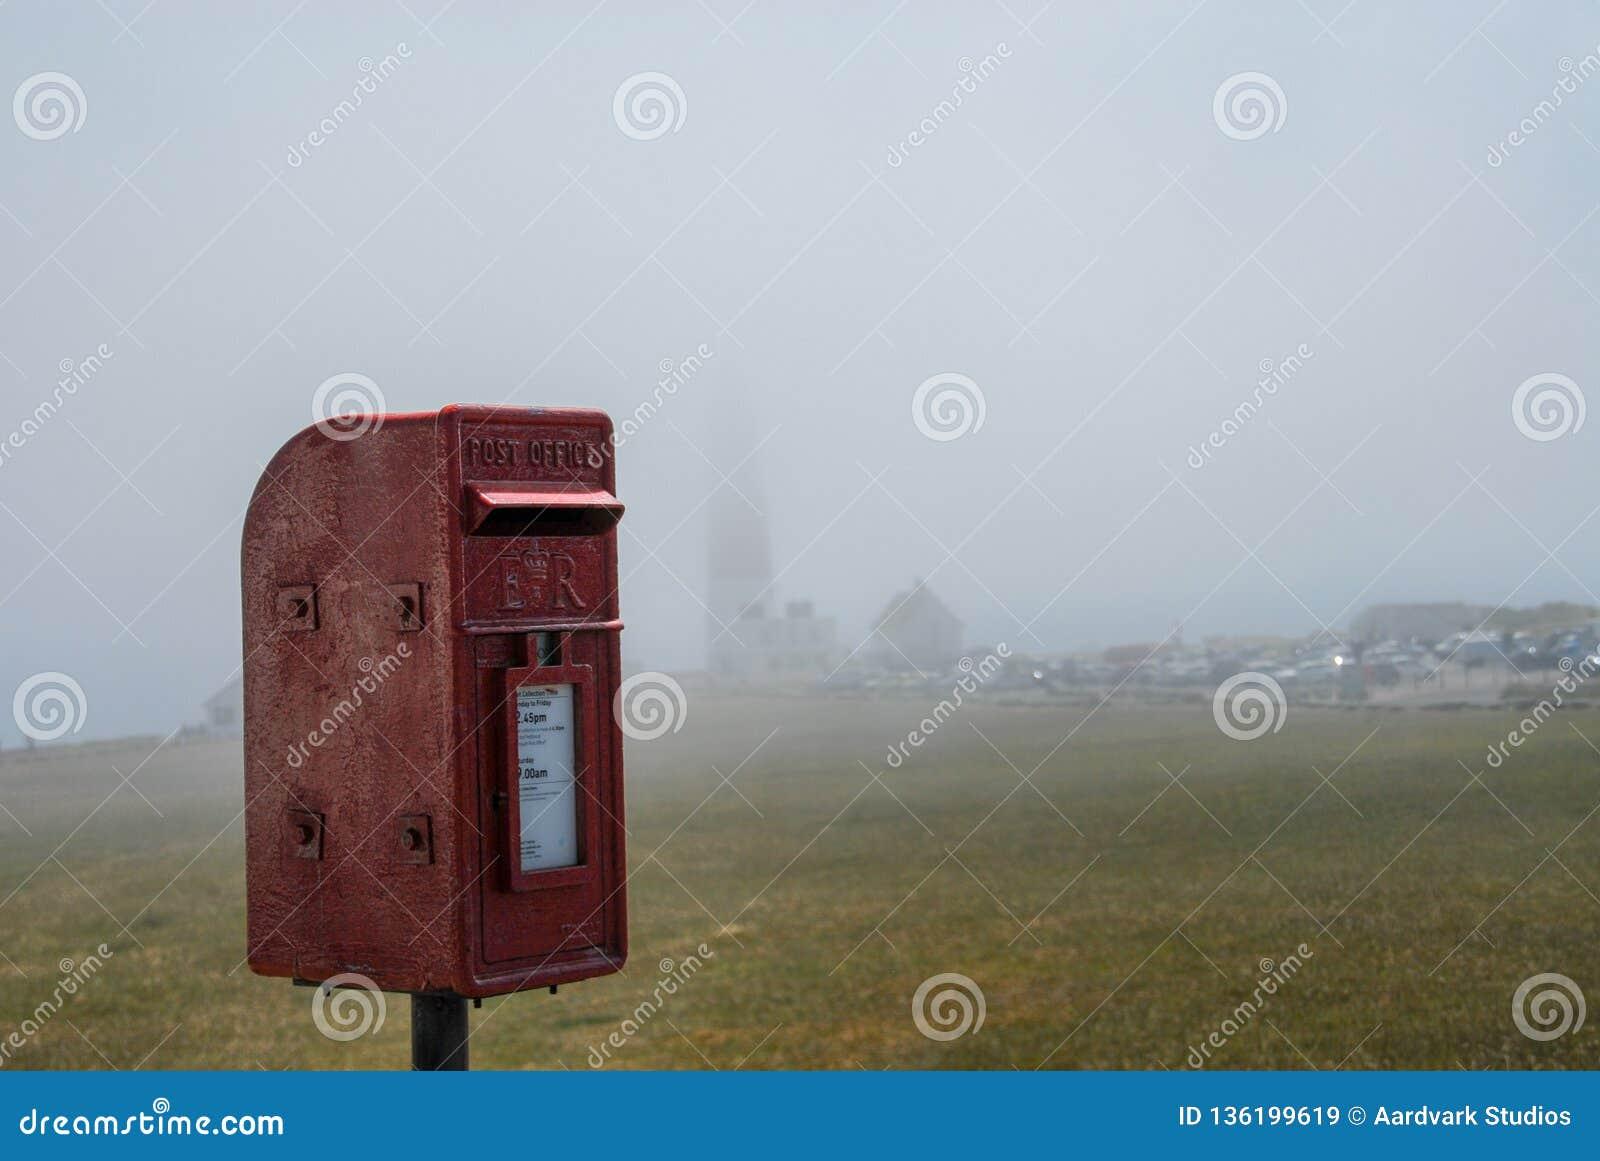 Caixa postal vermelha no fundo enevoado